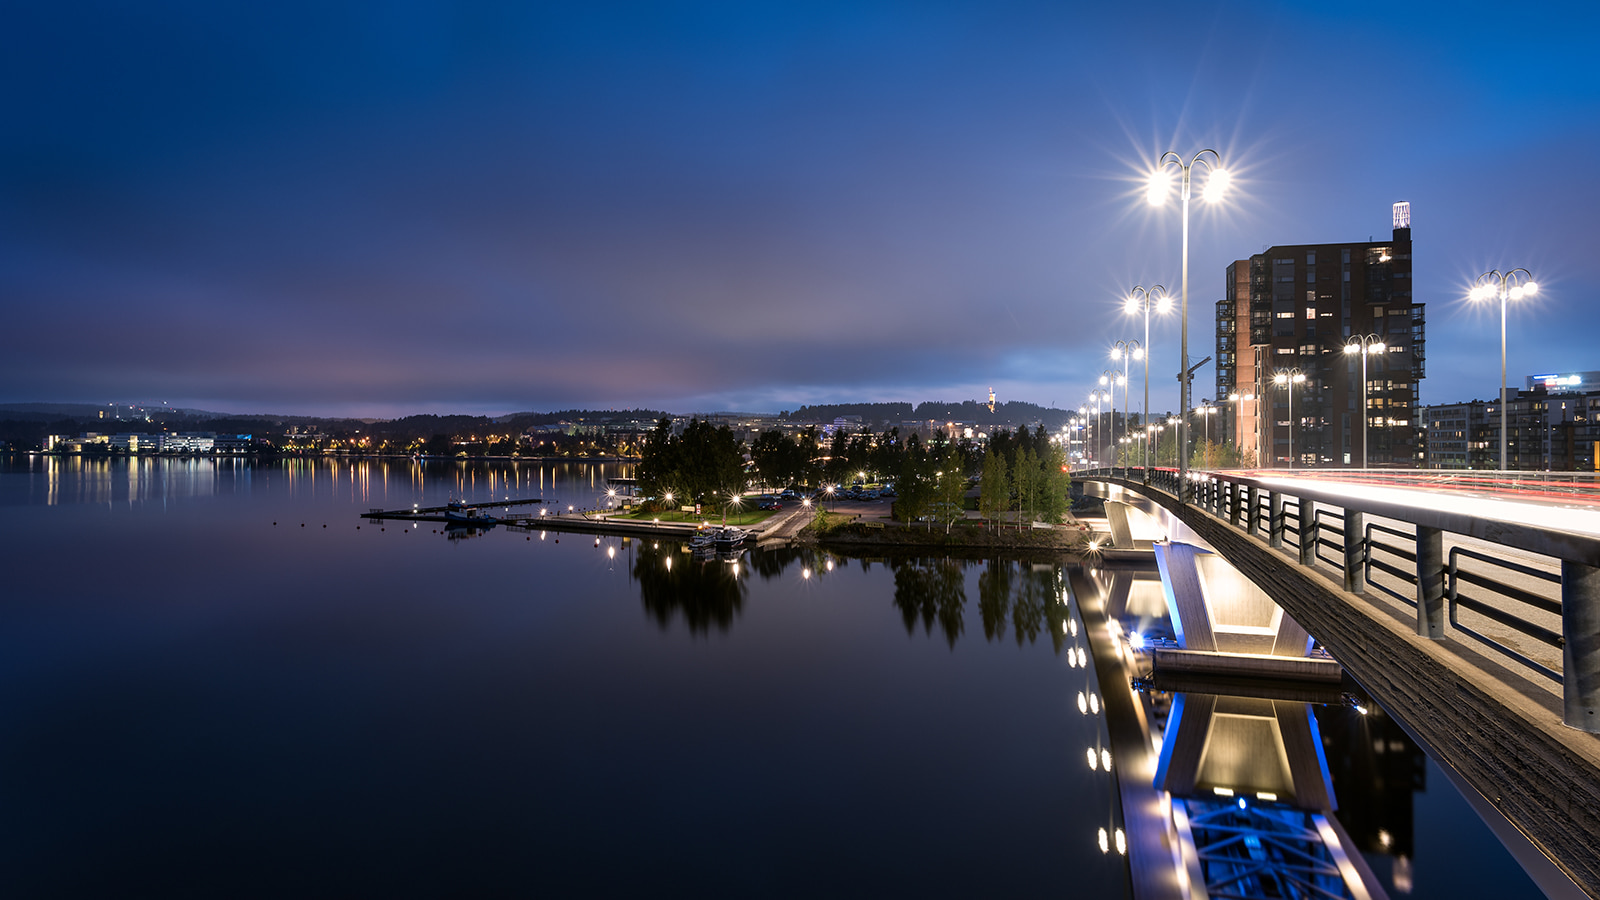 Kuokkala-Brücke, Jyväsjärvi-See und der Hafen von Lutakko im Abendlicht